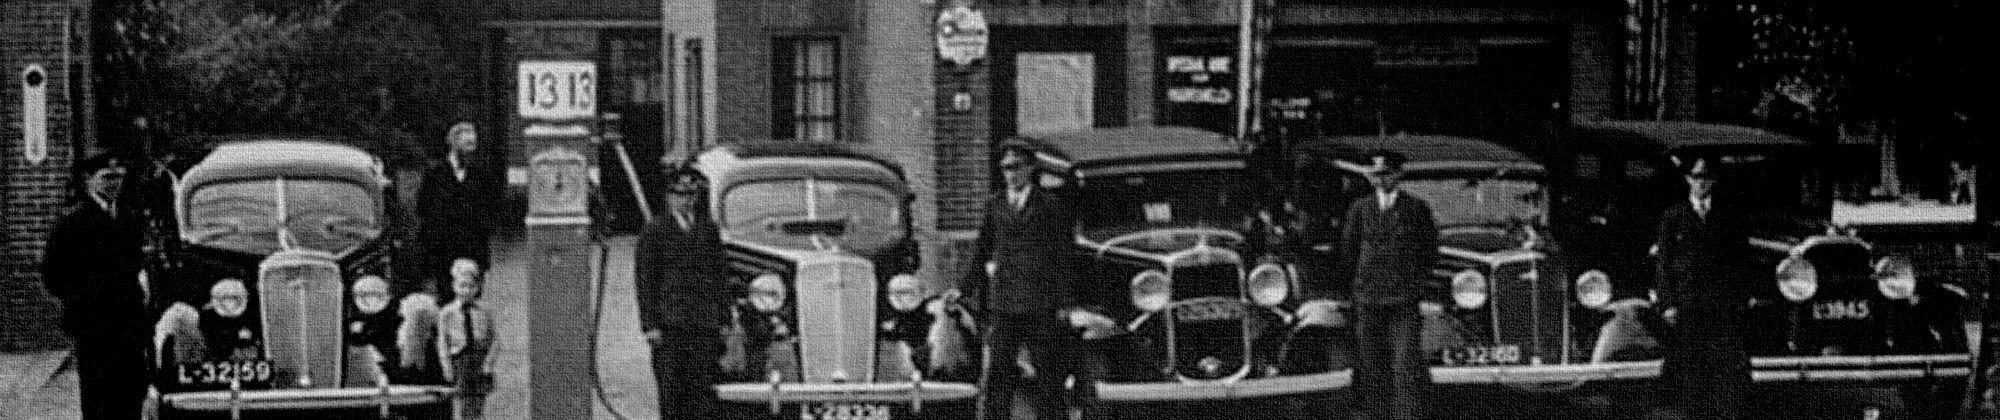 10 jarig bestaan van rijwielhandel en autoverhuur Klomp. (1935)